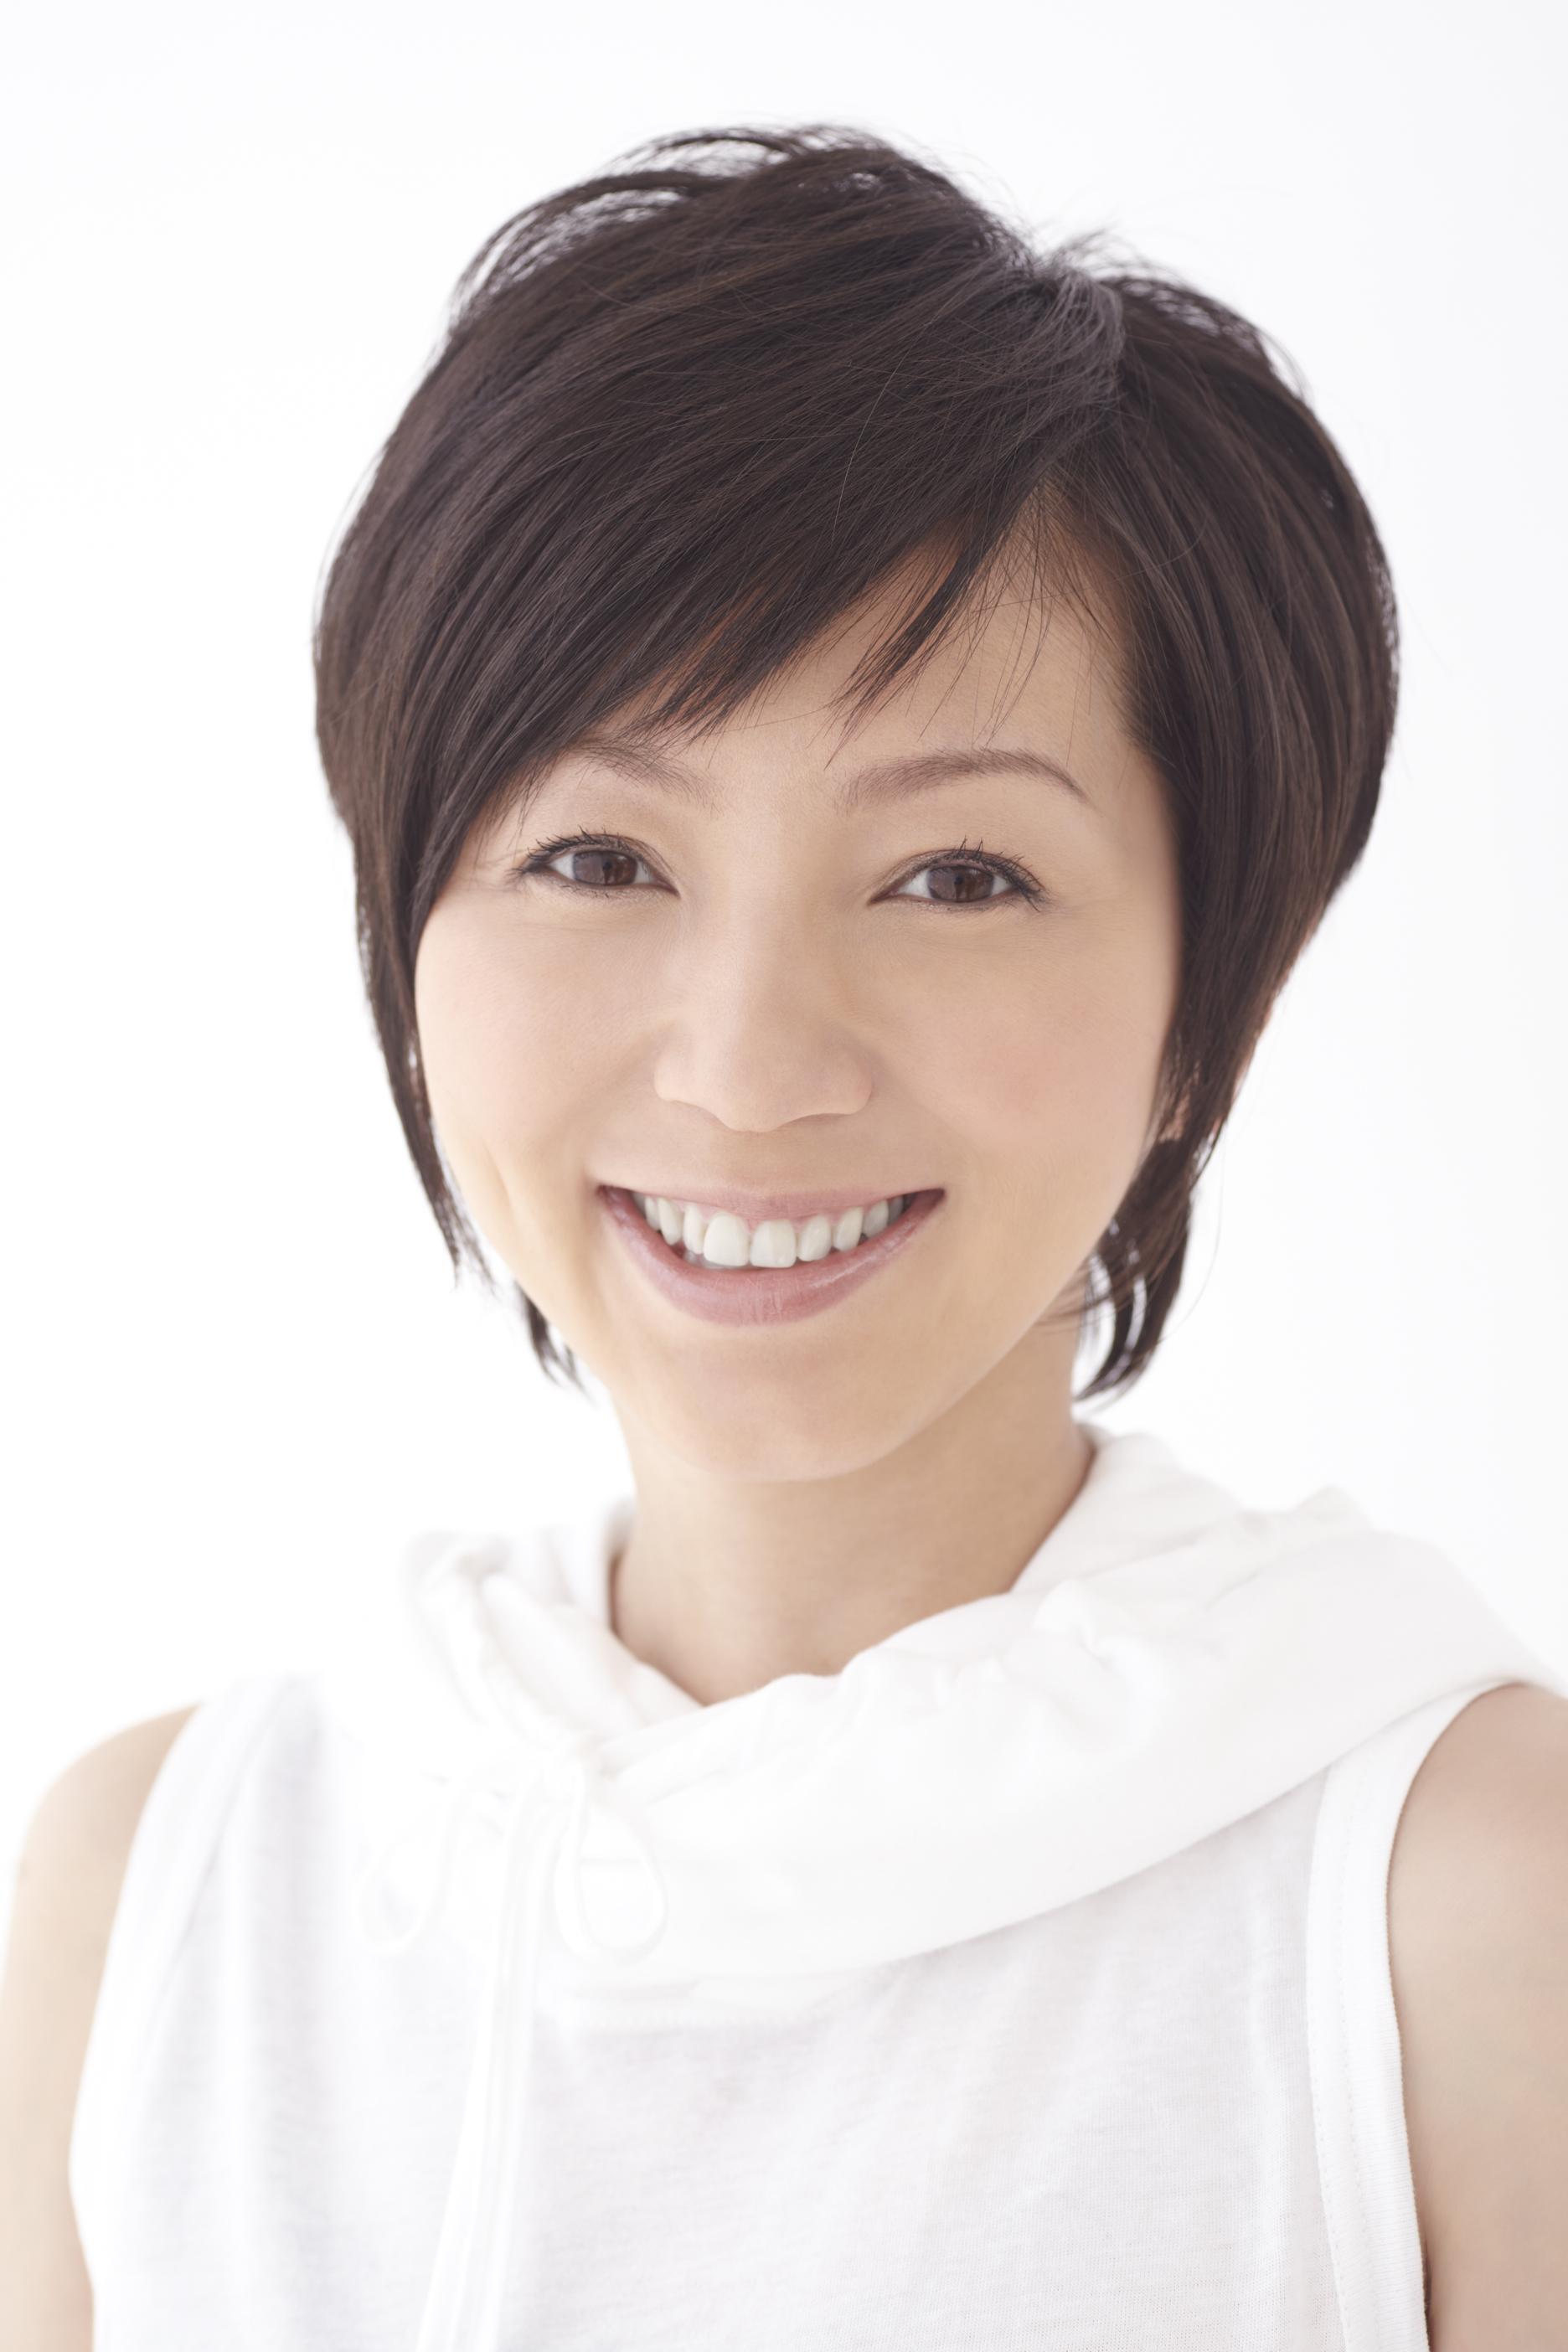 参考にしたい!主婦に人気!渡辺満里奈の髪型を集めてみました!のサムネイル画像